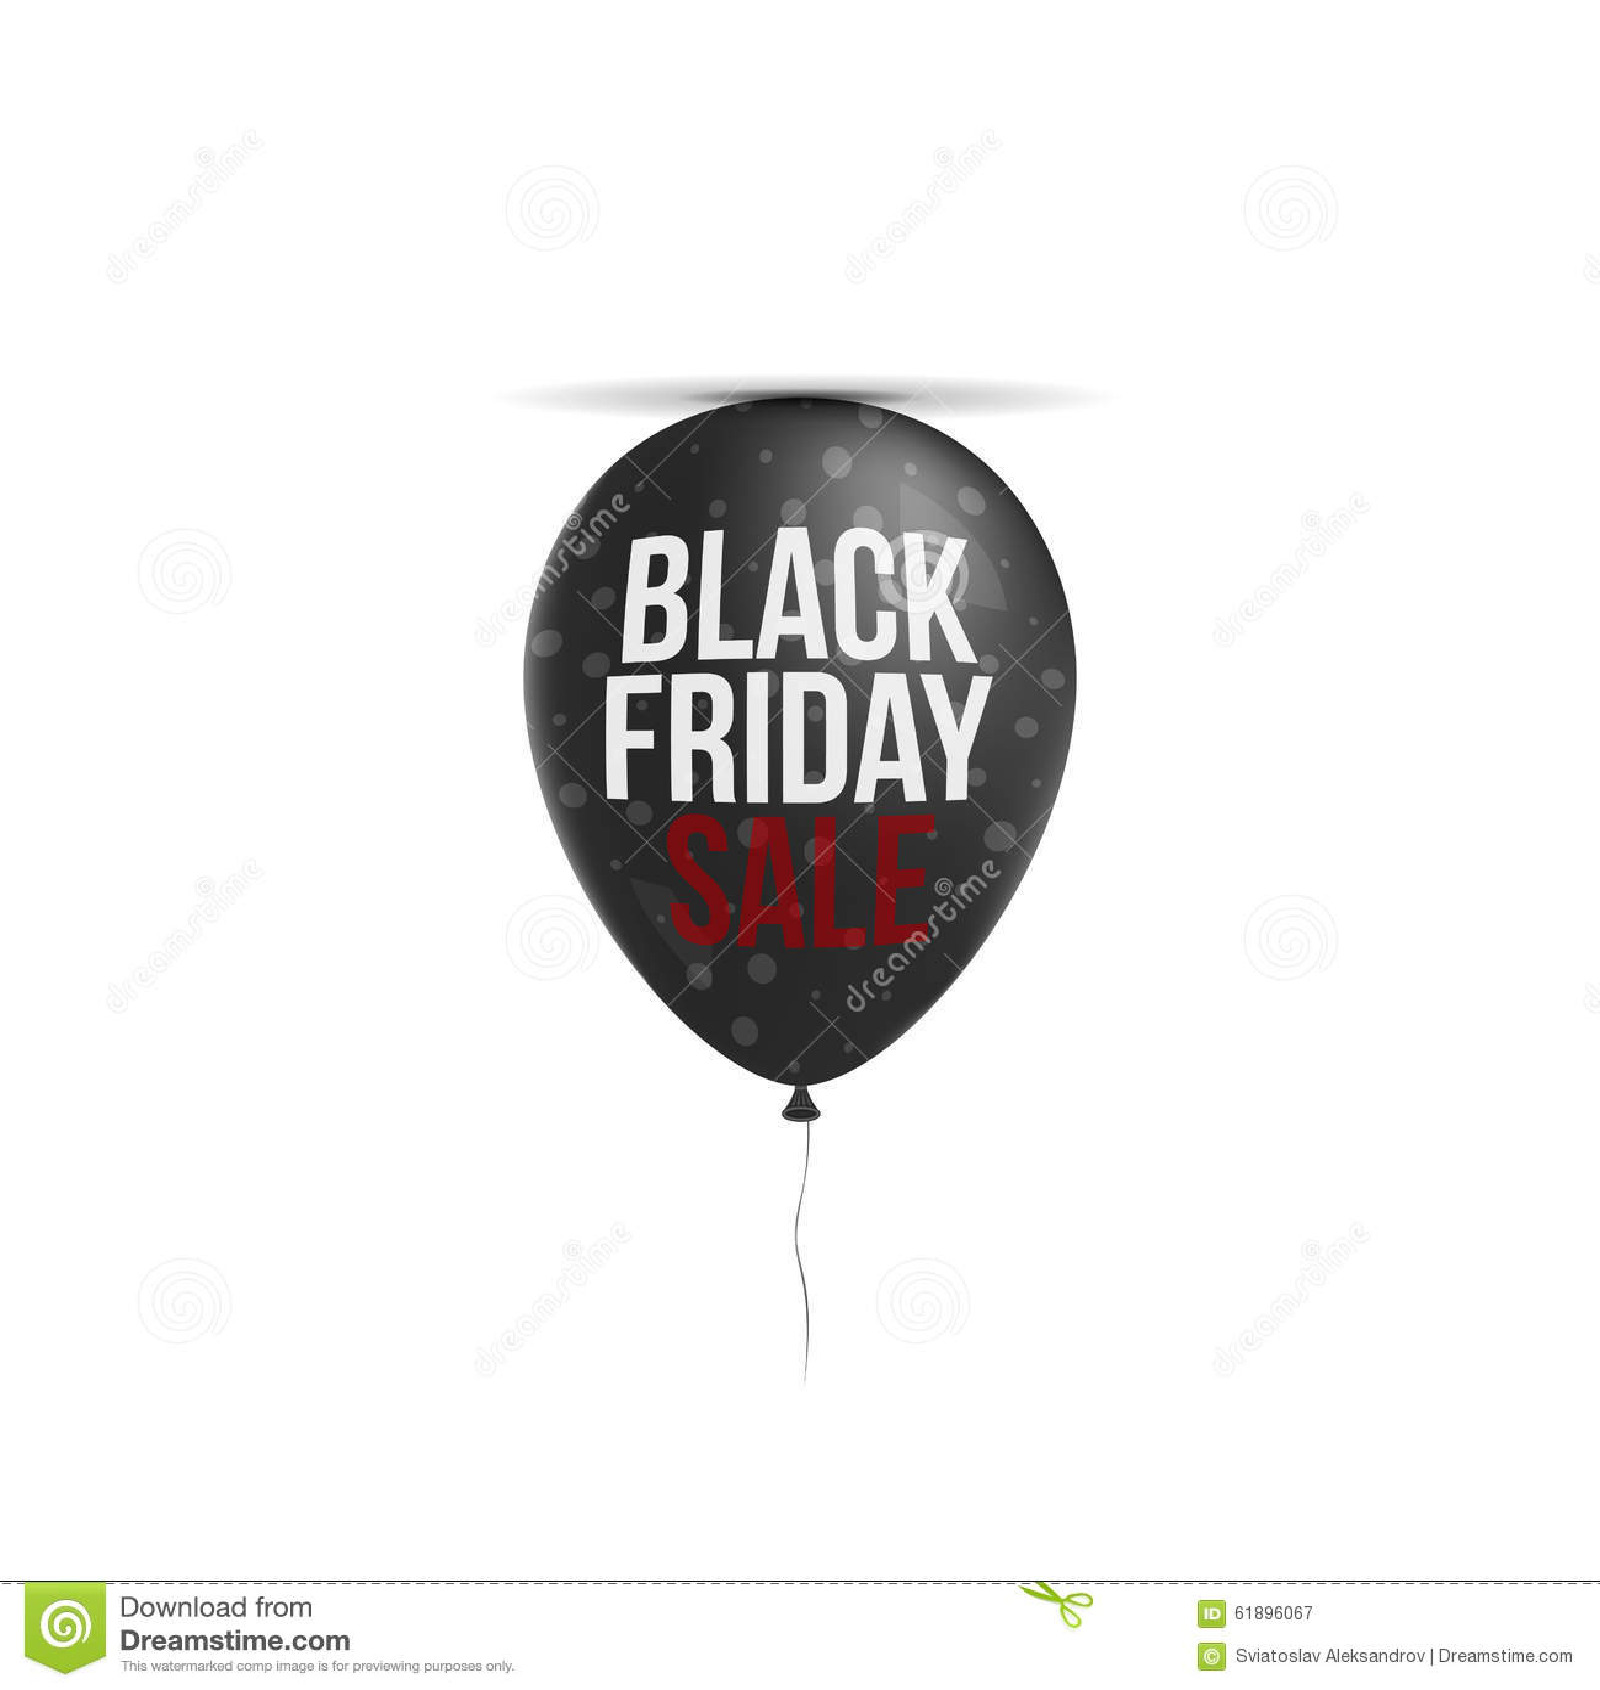 c5efcd888cdd Black Friday-Verkaufs-Text Auf Realistischem Ballon Vektor Abbildung ...